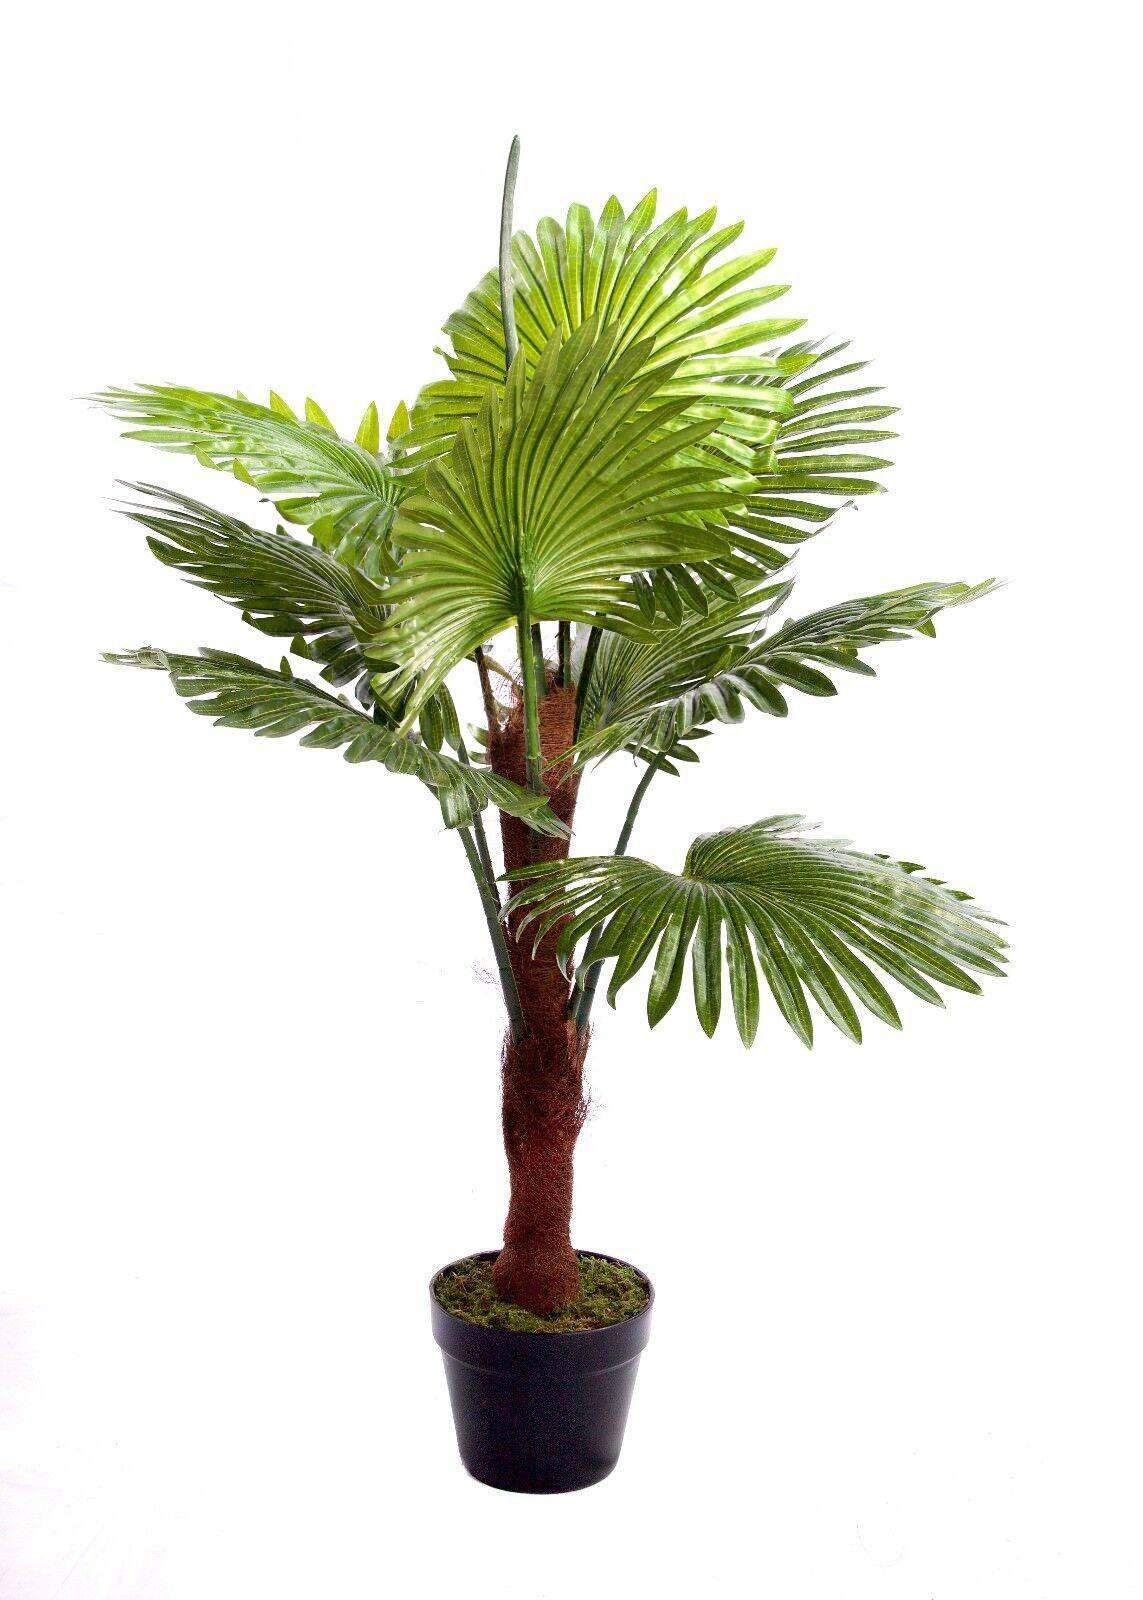 negozio online Migliore Artificiale 4 4 4 FT (ca. 1.22 m) 120 cm Fan Palma Tropicale Ufficio delle Piante Serra NUOVO  spedizione veloce in tutto il mondo